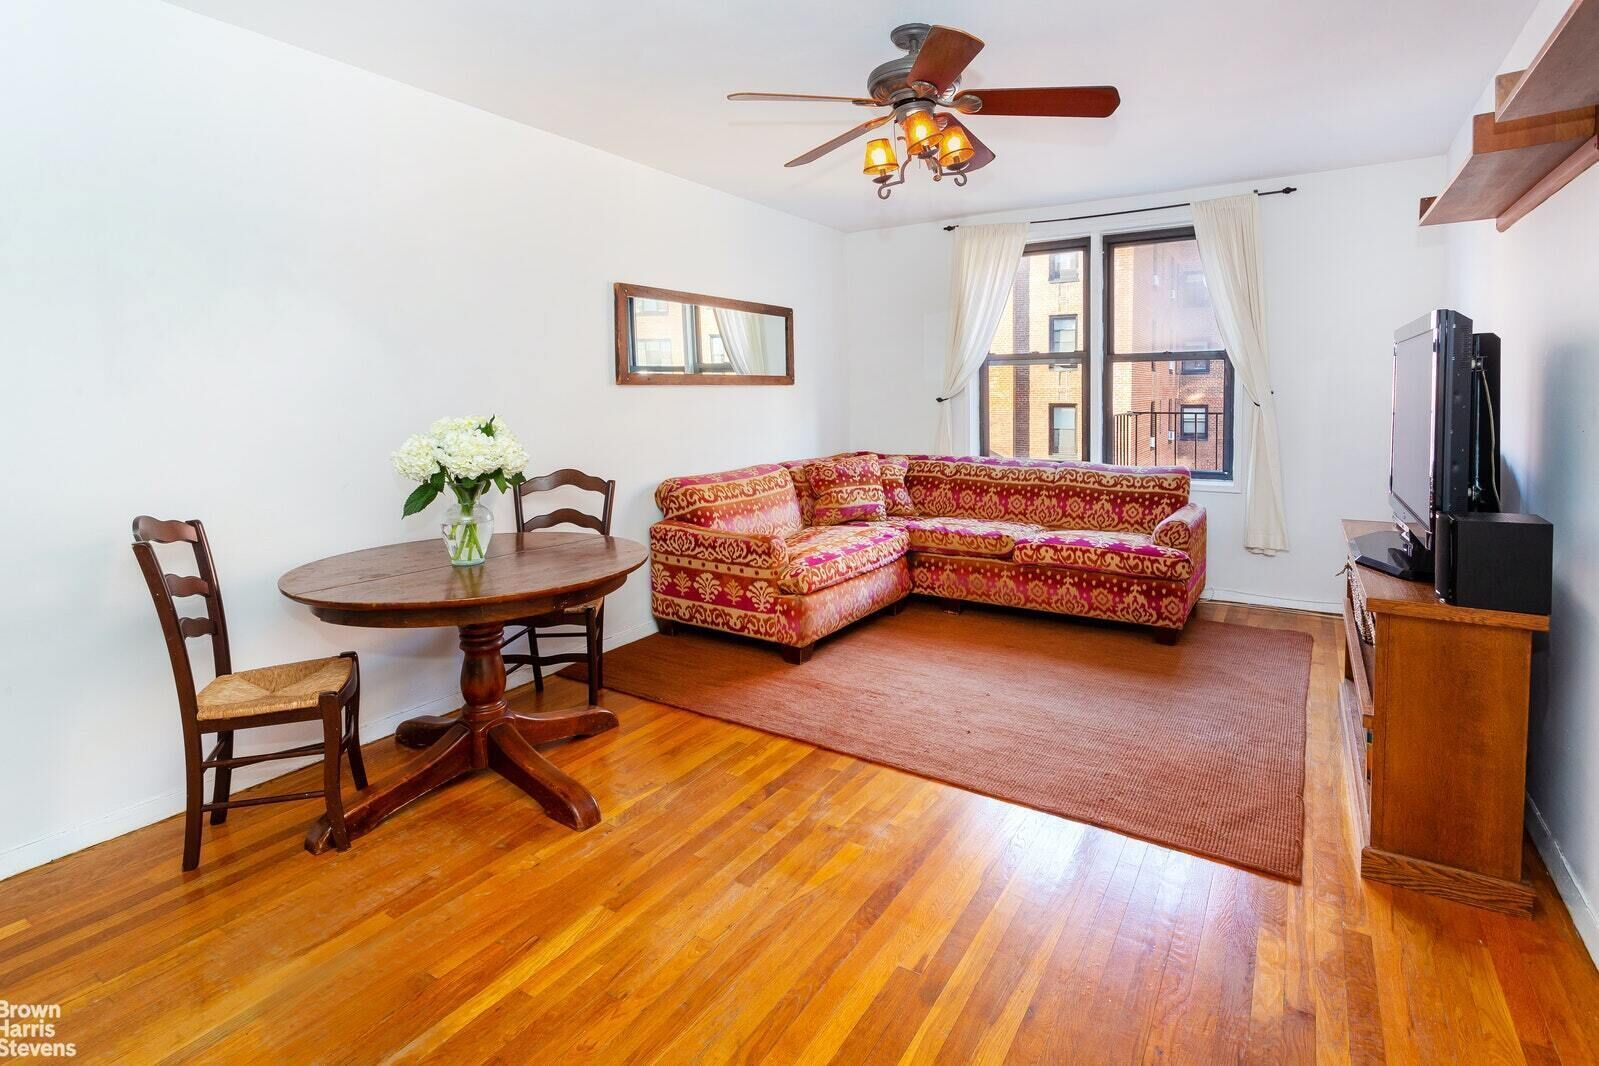 Apartment for sale at 70 Park Terrace East, Apt 6L